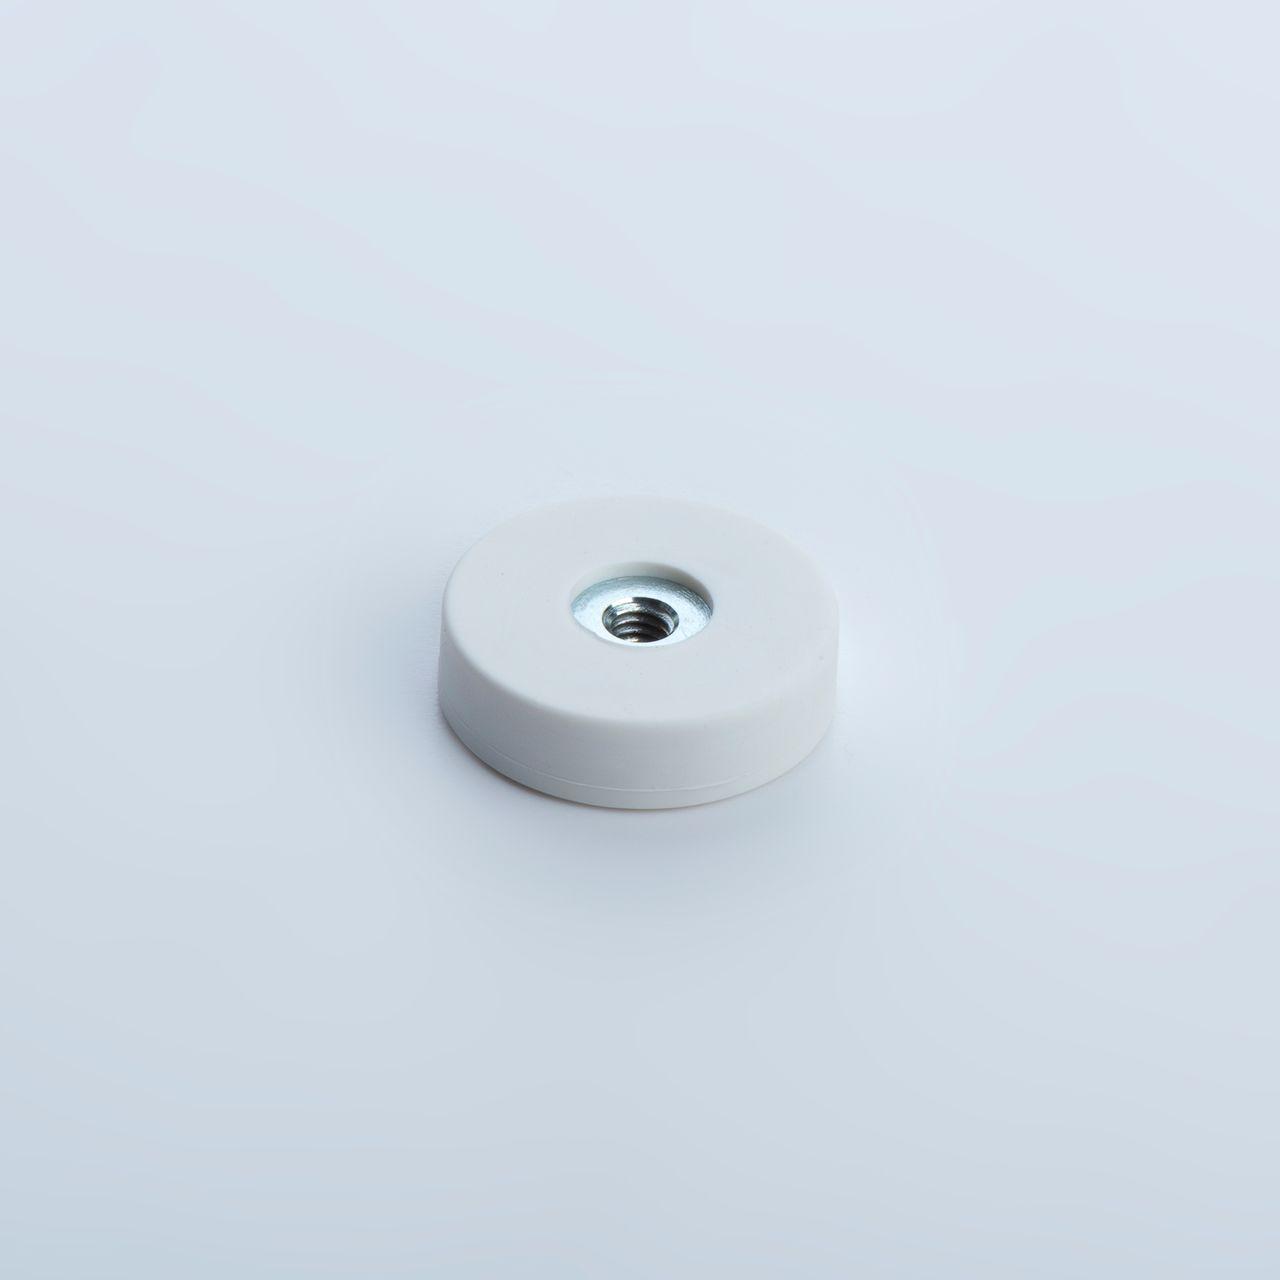 Flachgreifer aus Neodym mit Innengewinde, weiß gummiert, thyssenkrupp Magnettechnik